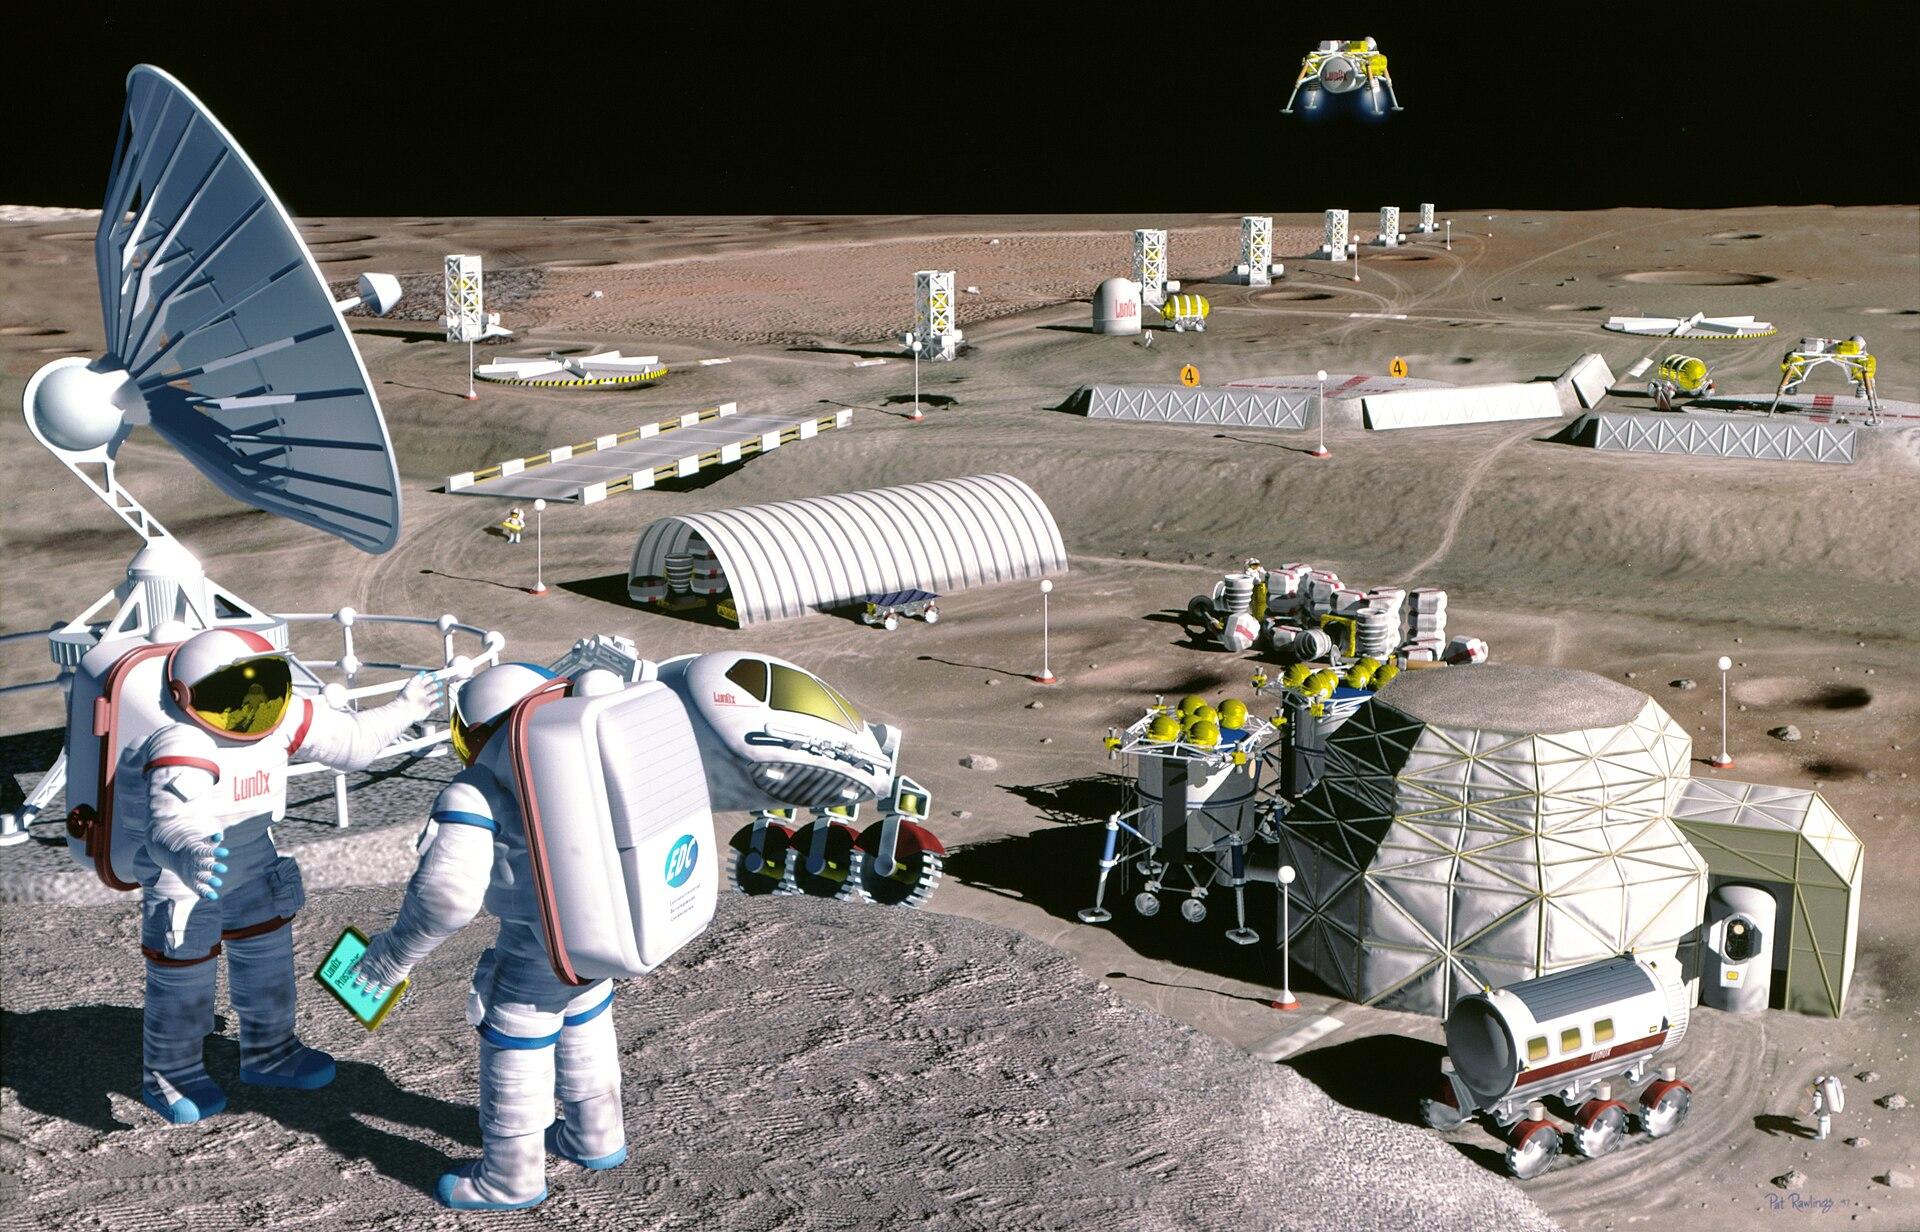 คอนเซ็ปต์ ของนิคมอวกาศบนดวงจันทร์ ภาพจาก NASA/SAIC/Pat Rawlings